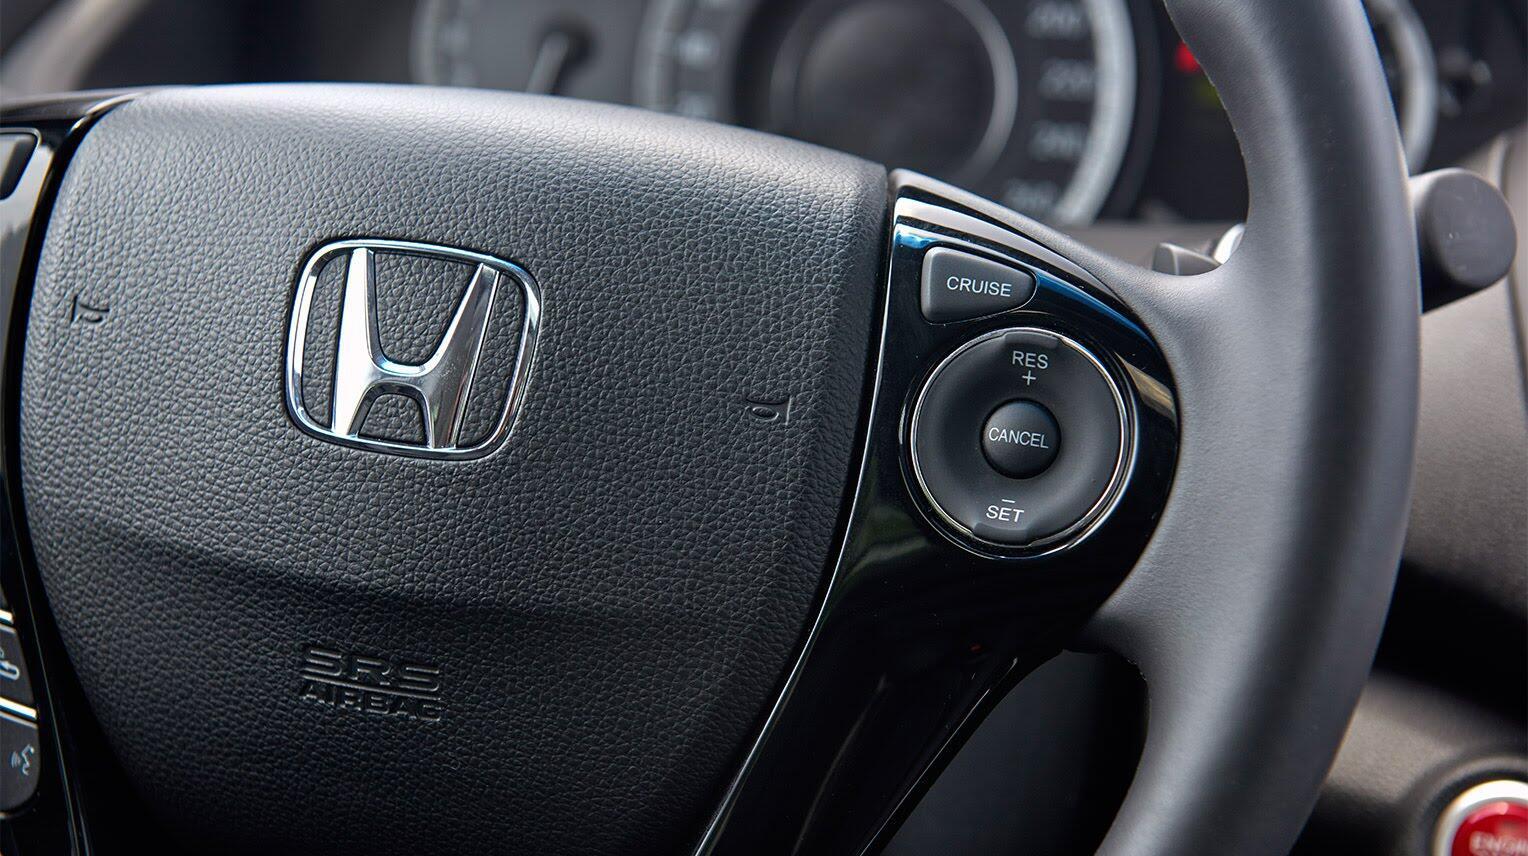 Đánh giá Honda Accord 2016: Ưa nhìn hơn, trang bị tốt hơn và lái phấn khích hơn - Hình 15